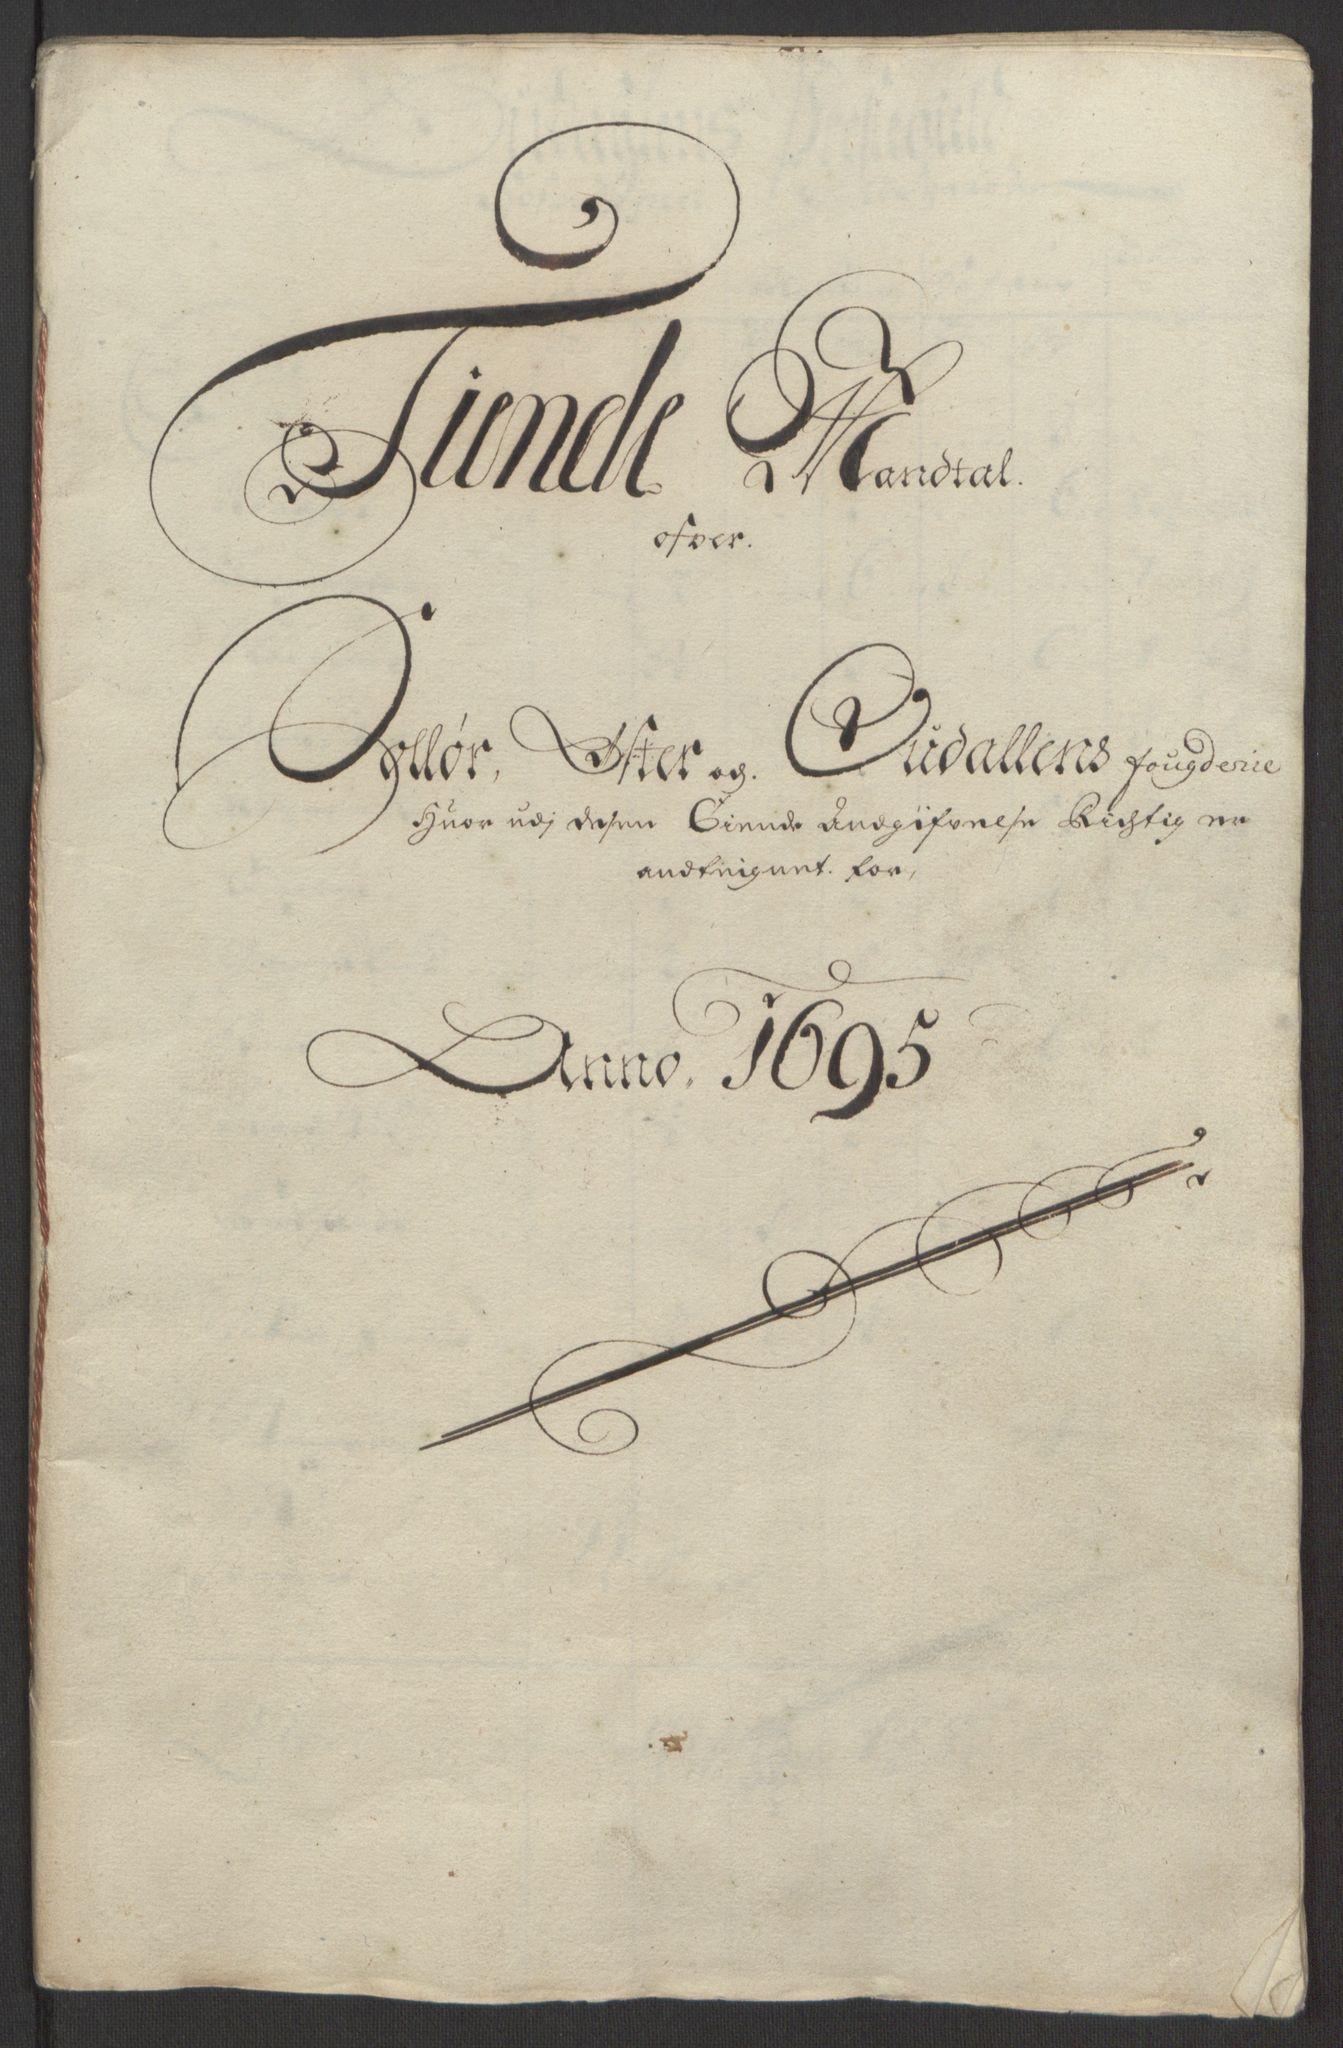 RA, Rentekammeret inntil 1814, Reviderte regnskaper, Fogderegnskap, R13/L0833: Fogderegnskap Solør, Odal og Østerdal, 1695, s. 202